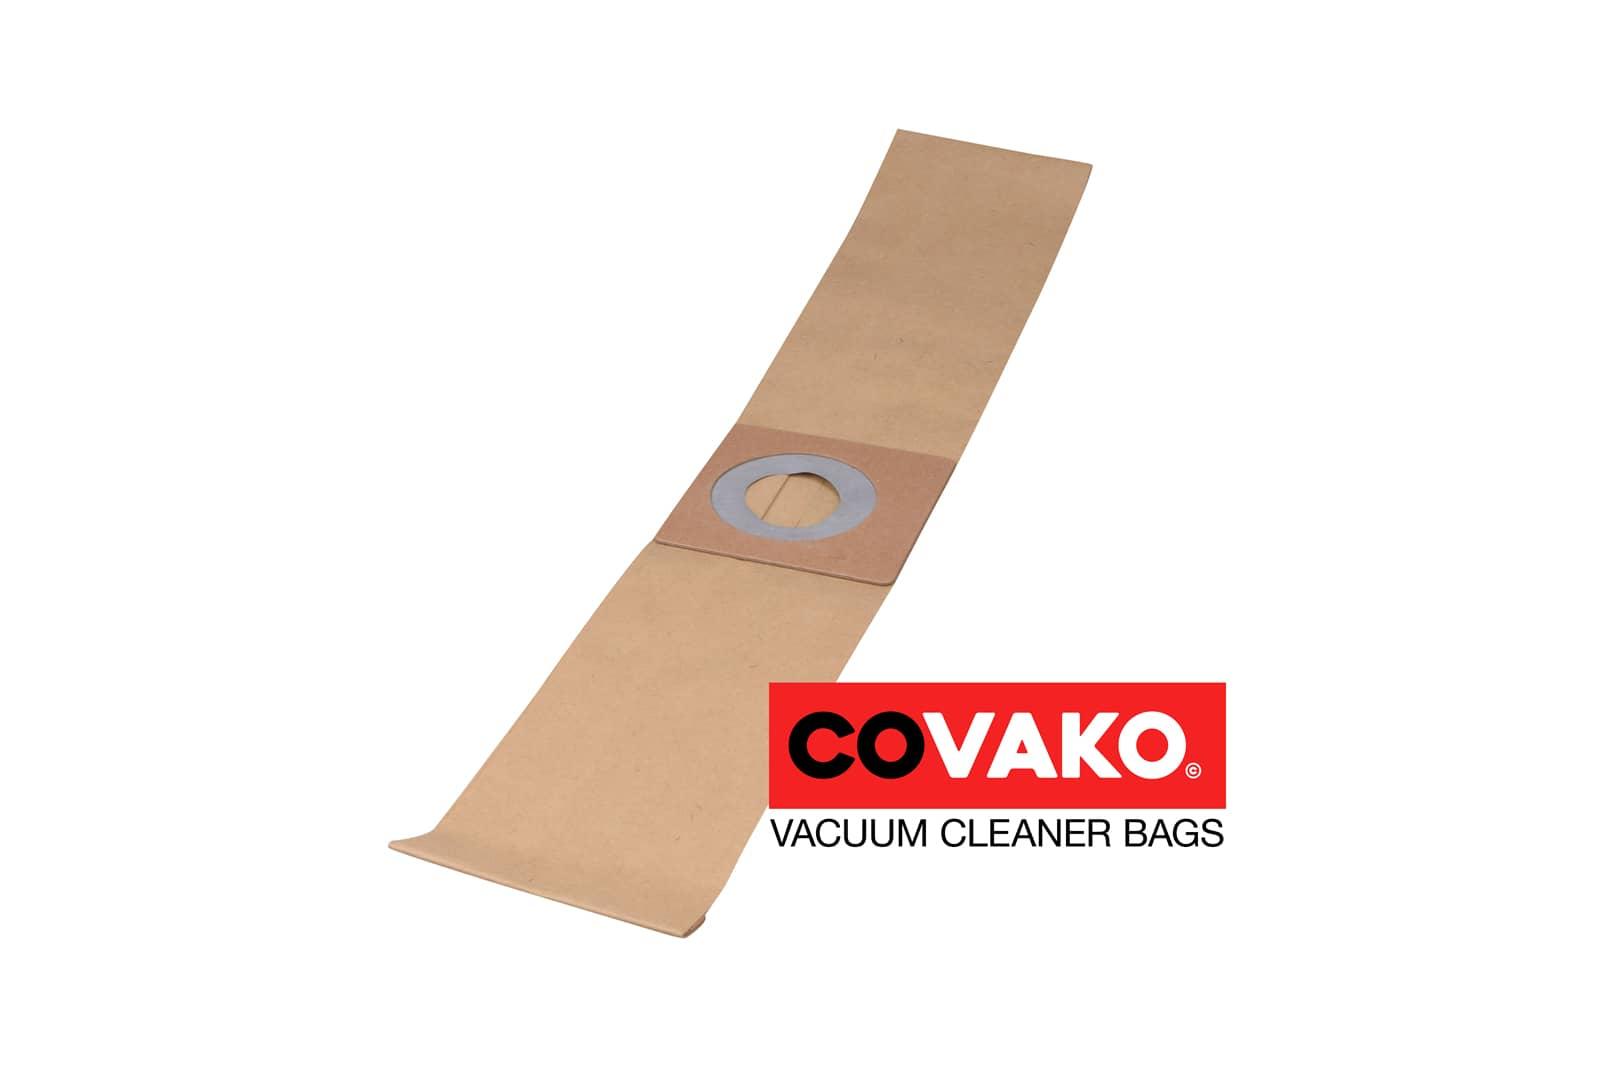 Fakir Micro / Papier - Fakir sacs d'aspirateur